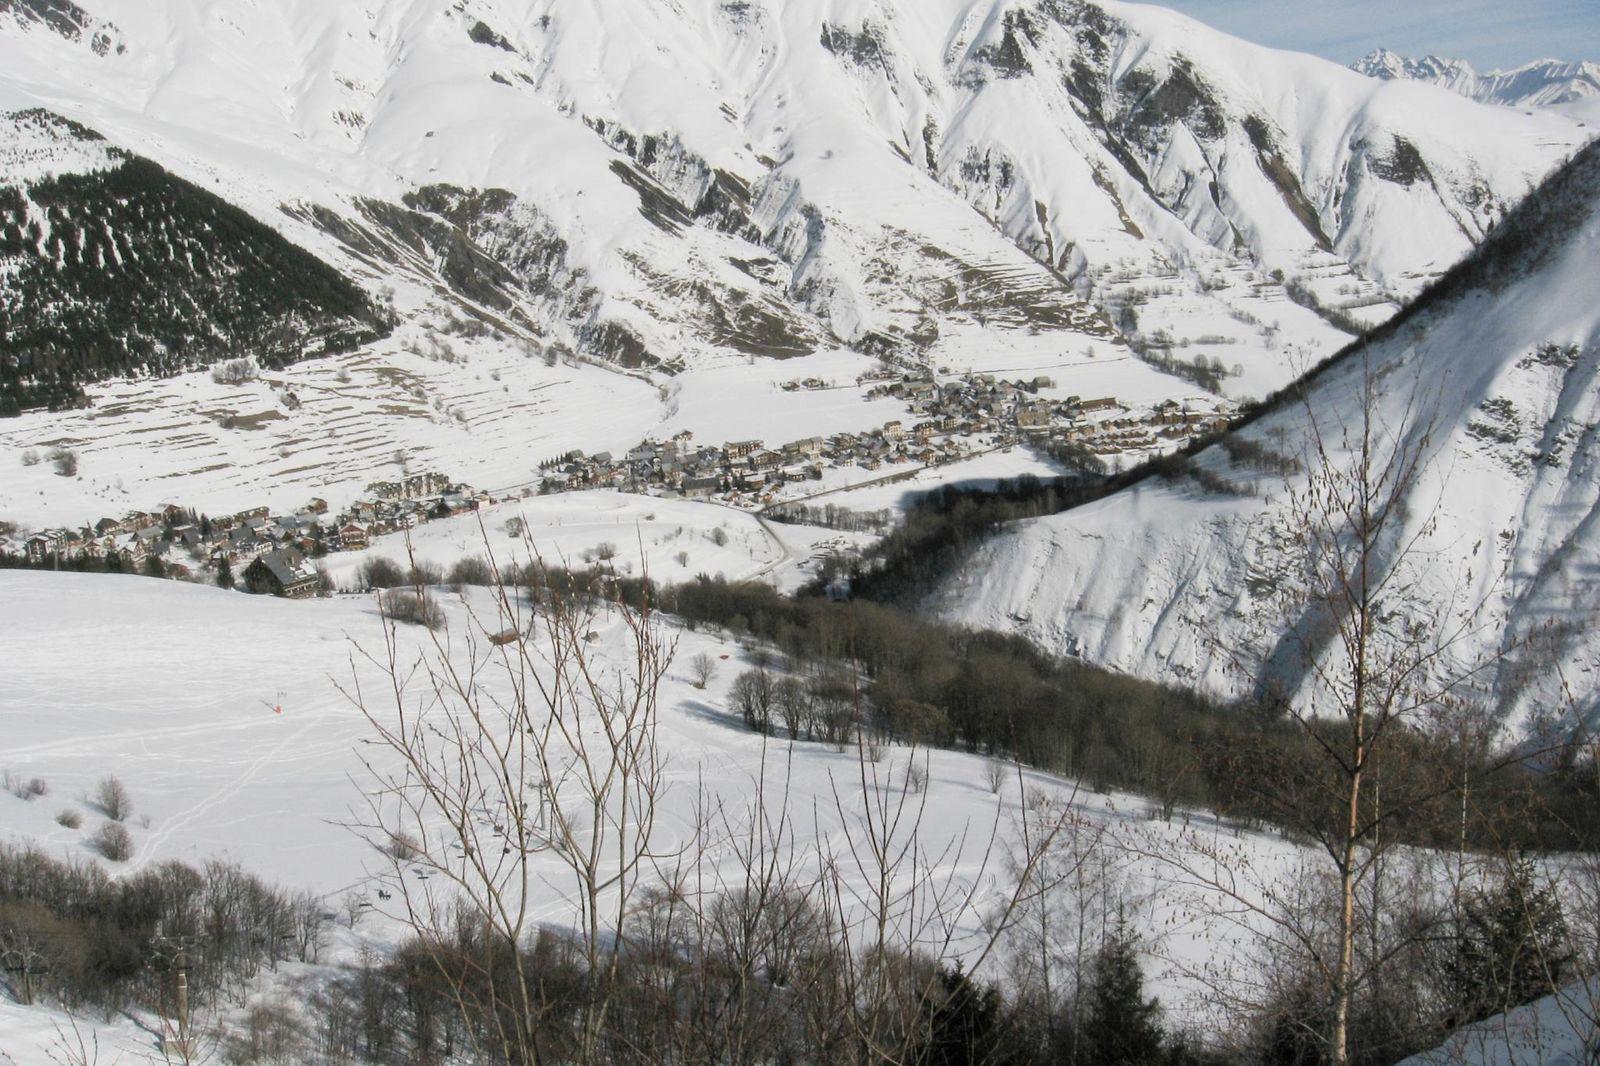 Station de ski de Saint Sorlin d'Arves_Saint-Sorlin-d'Arves (1)